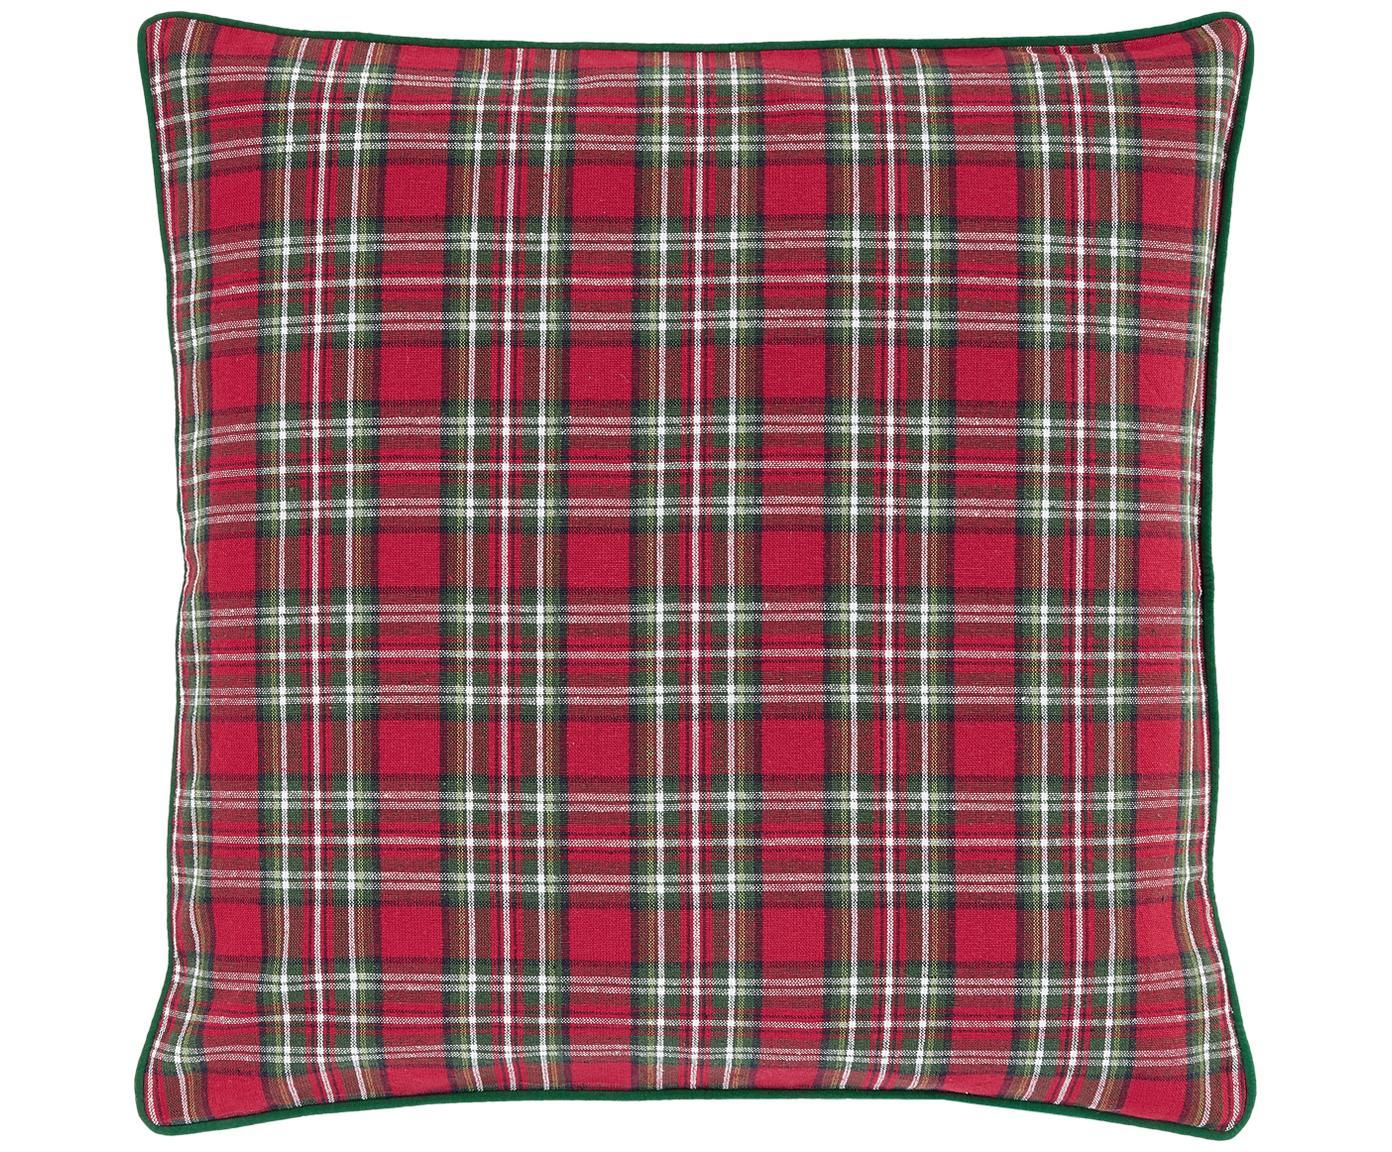 Poszewka na poduszkę Tartan, Bawełna, Czerwony, ciemny zielony, S 45 x D 45 cm